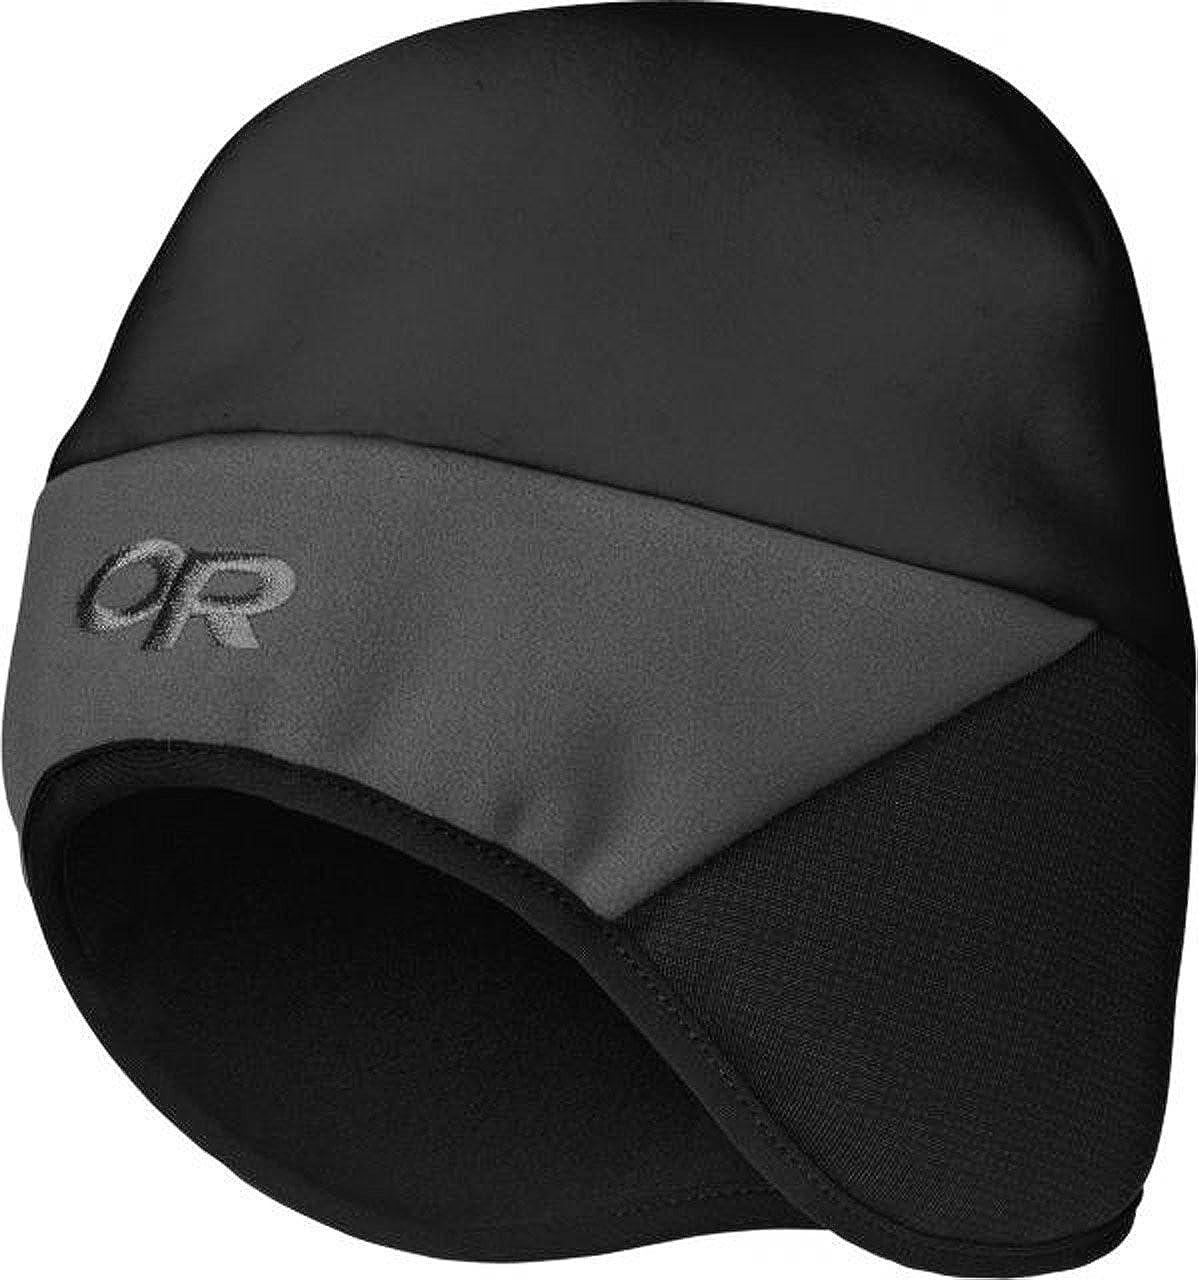 Outdoor Research Unisex Child Alpine Hat